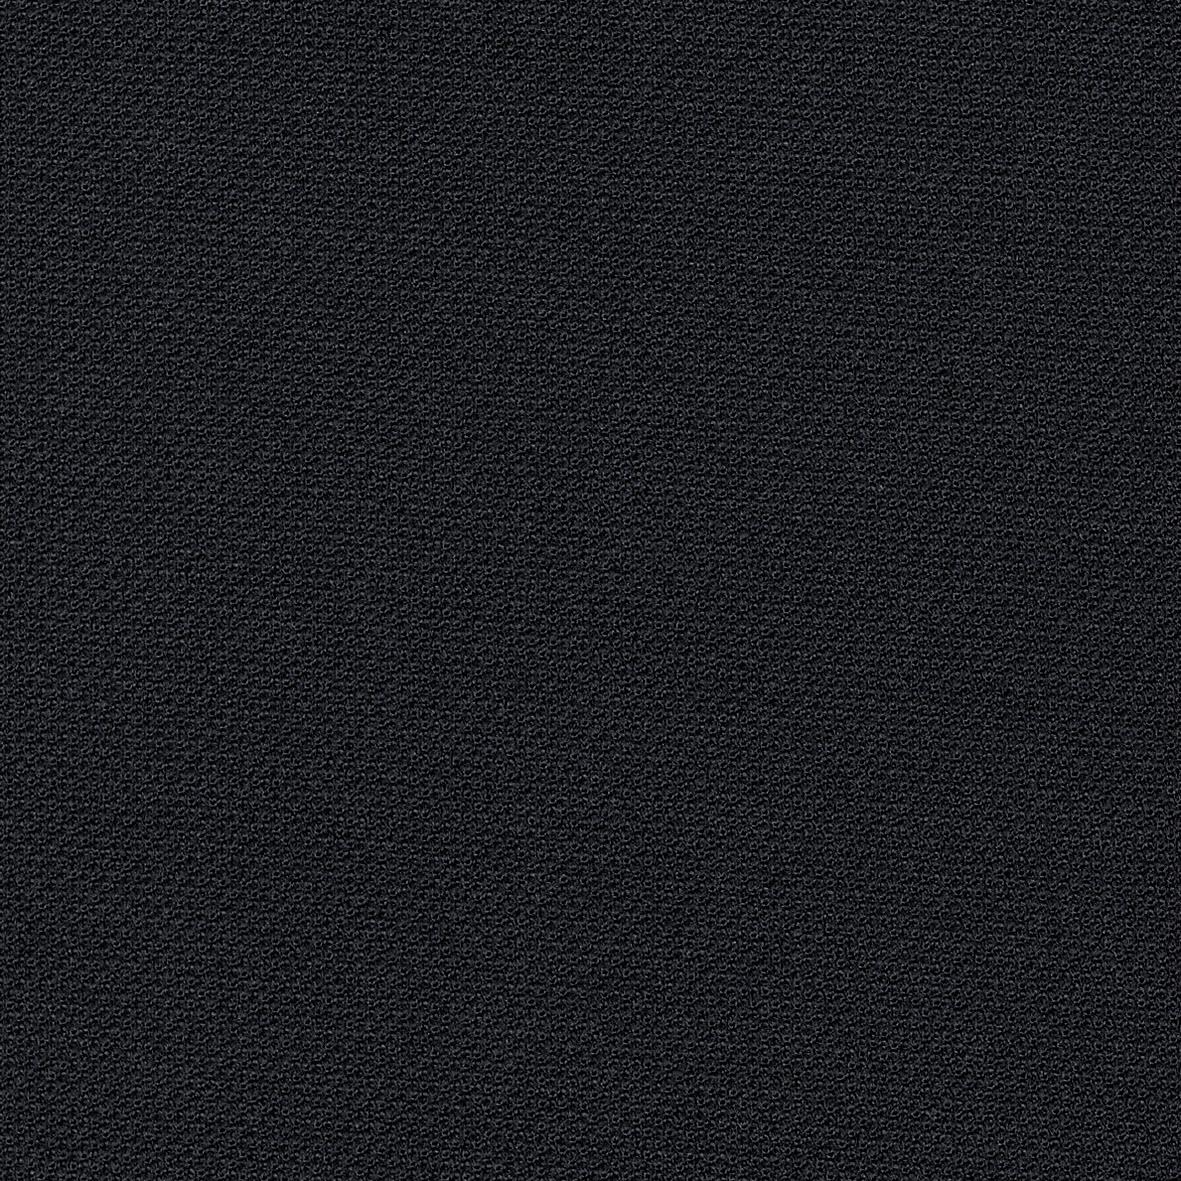 60025 Antraciet